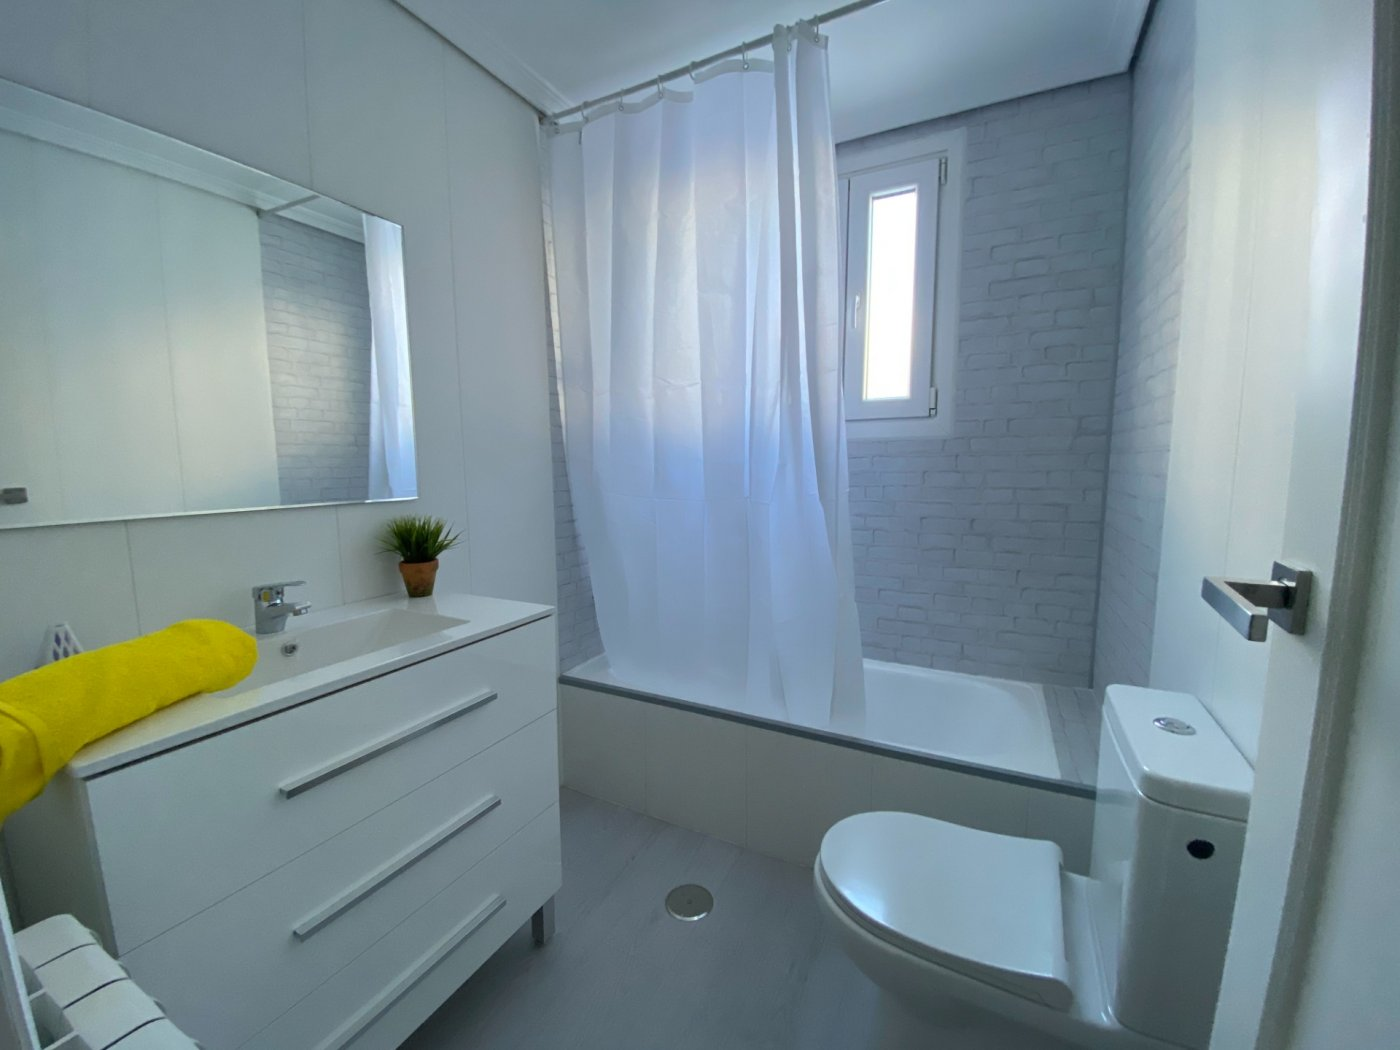 Fotogalería - 11 - Atenea Inmobiliaria